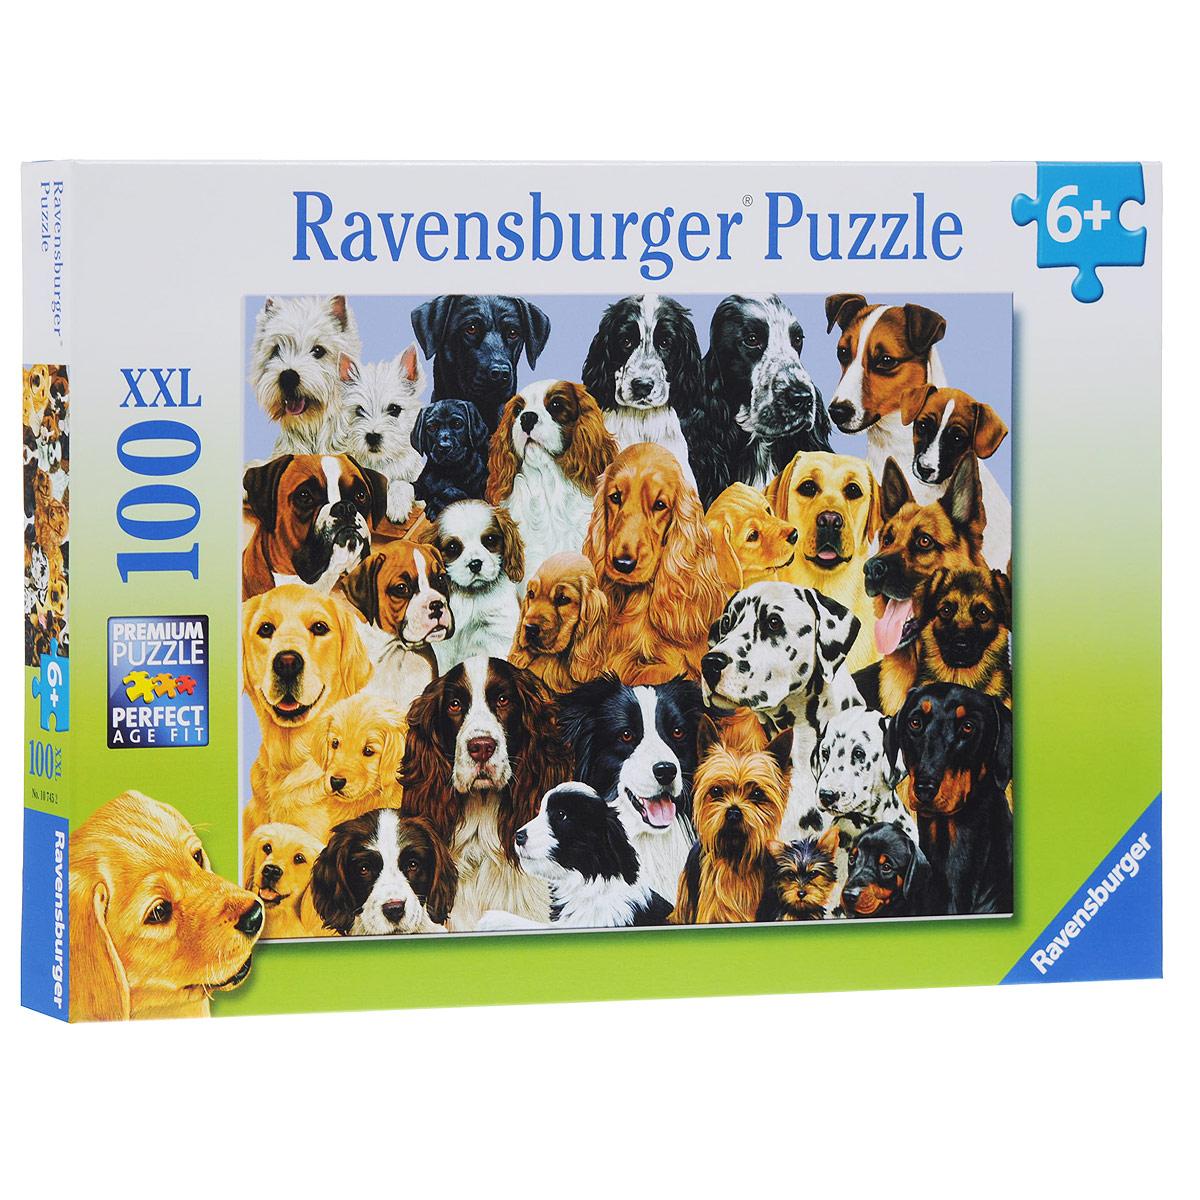 Ravensburger Парад собак. Пазл XXL, 100 элементов10745Пазл Ravensburger Парад собак, без сомнения, придется по душе вам и вашему малышу. Собрав этот пазл, включающий в себя 100 элементов, вы получите великолепную картину с изображением собак самых различных пород. Каждая деталь имеет свою форму и подходит только на своё место. Нет двух одинаковых деталей! Пазл изготовлен из картона высочайшего качества. Все изображения аккуратно отсканированы и напечатаны на ламинированной бумаге. Пазл - великолепная игра для семейного досуга. Сегодня собирание пазлов стало особенно популярным, главным образом, благодаря своей многообразной тематике, способной удовлетворить самый взыскательный вкус. А для детей это не только интересно, но и полезно. Собирание пазла развивает мелкую моторику у ребенка, тренирует наблюдательность, логическое мышление, знакомит с окружающим миром, с цветом и разнообразными формами.